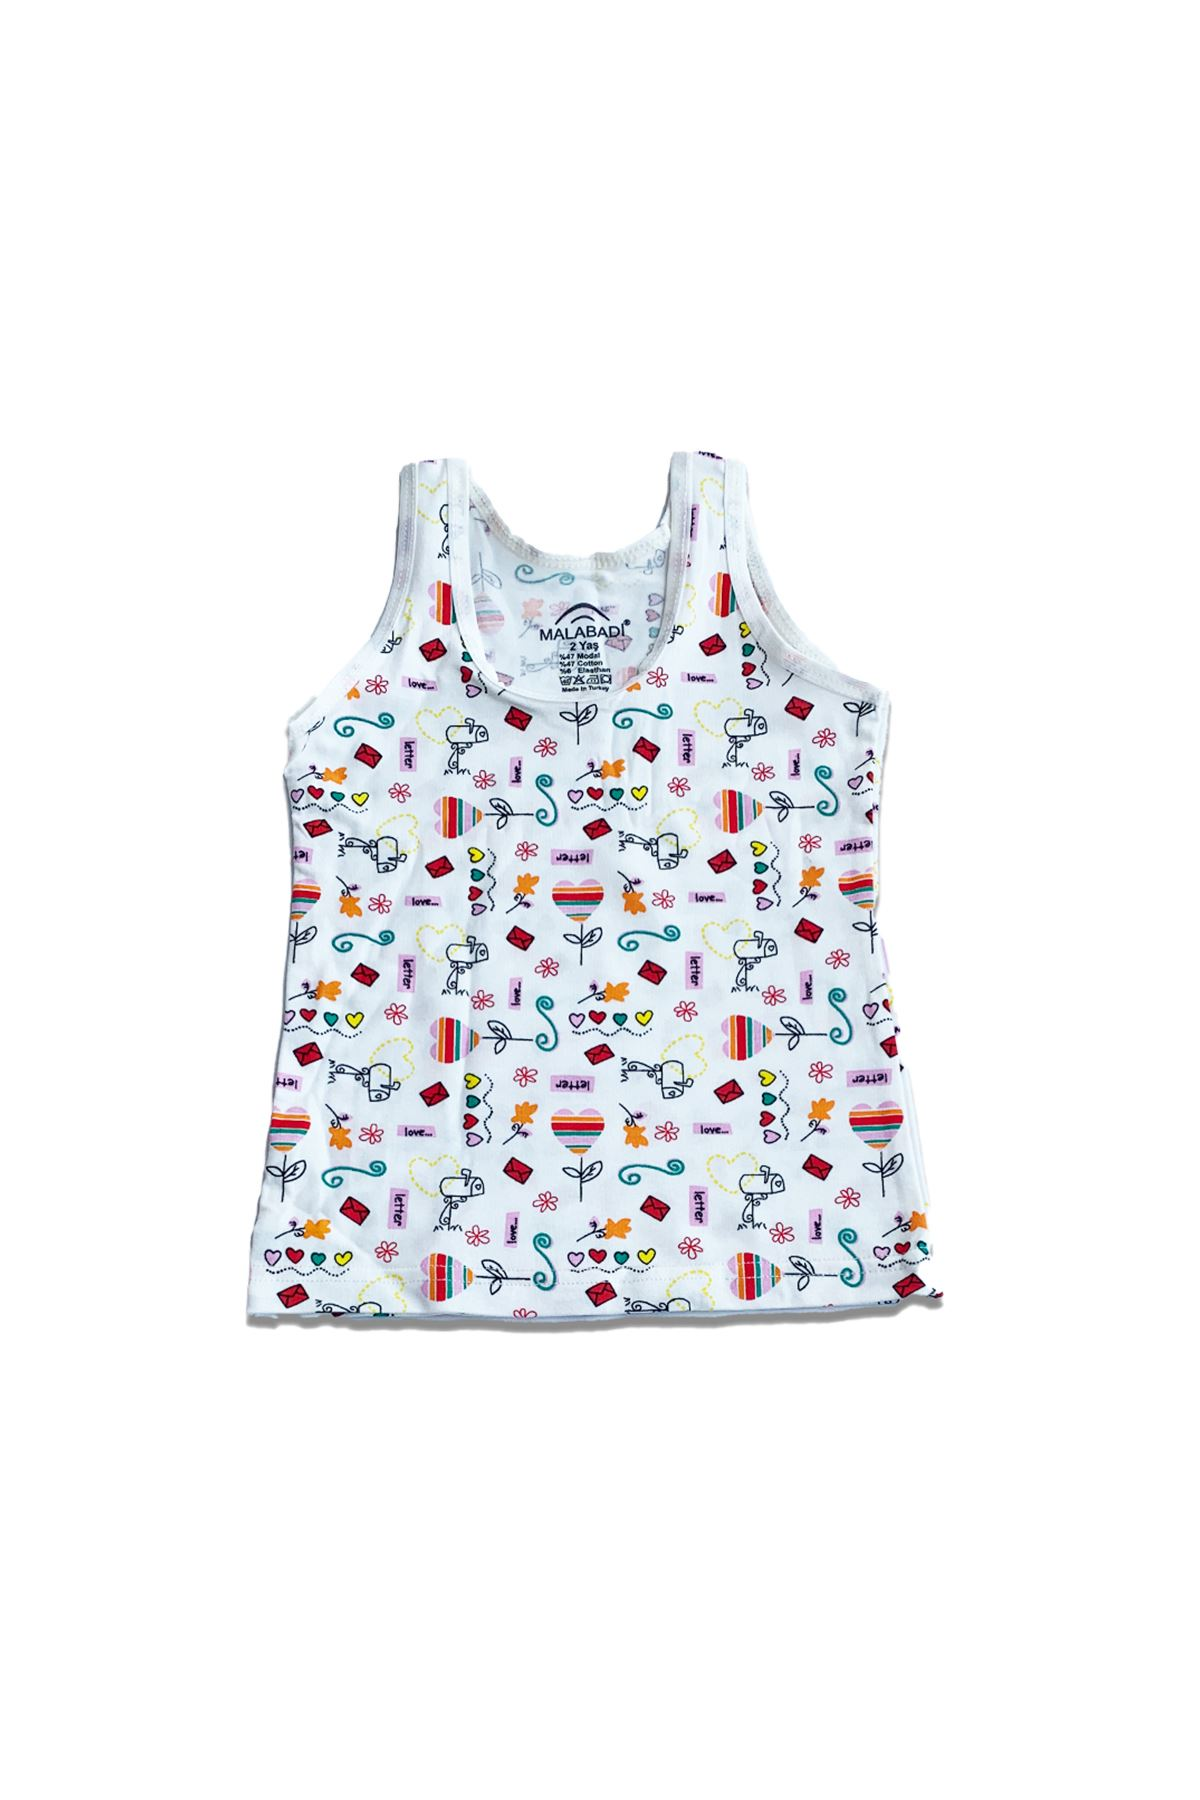 Kız Çocuk Renkli 6 Lı Paket Iç Giyim Takımı Geniş Askılı Atlet Boxer 333331-e3